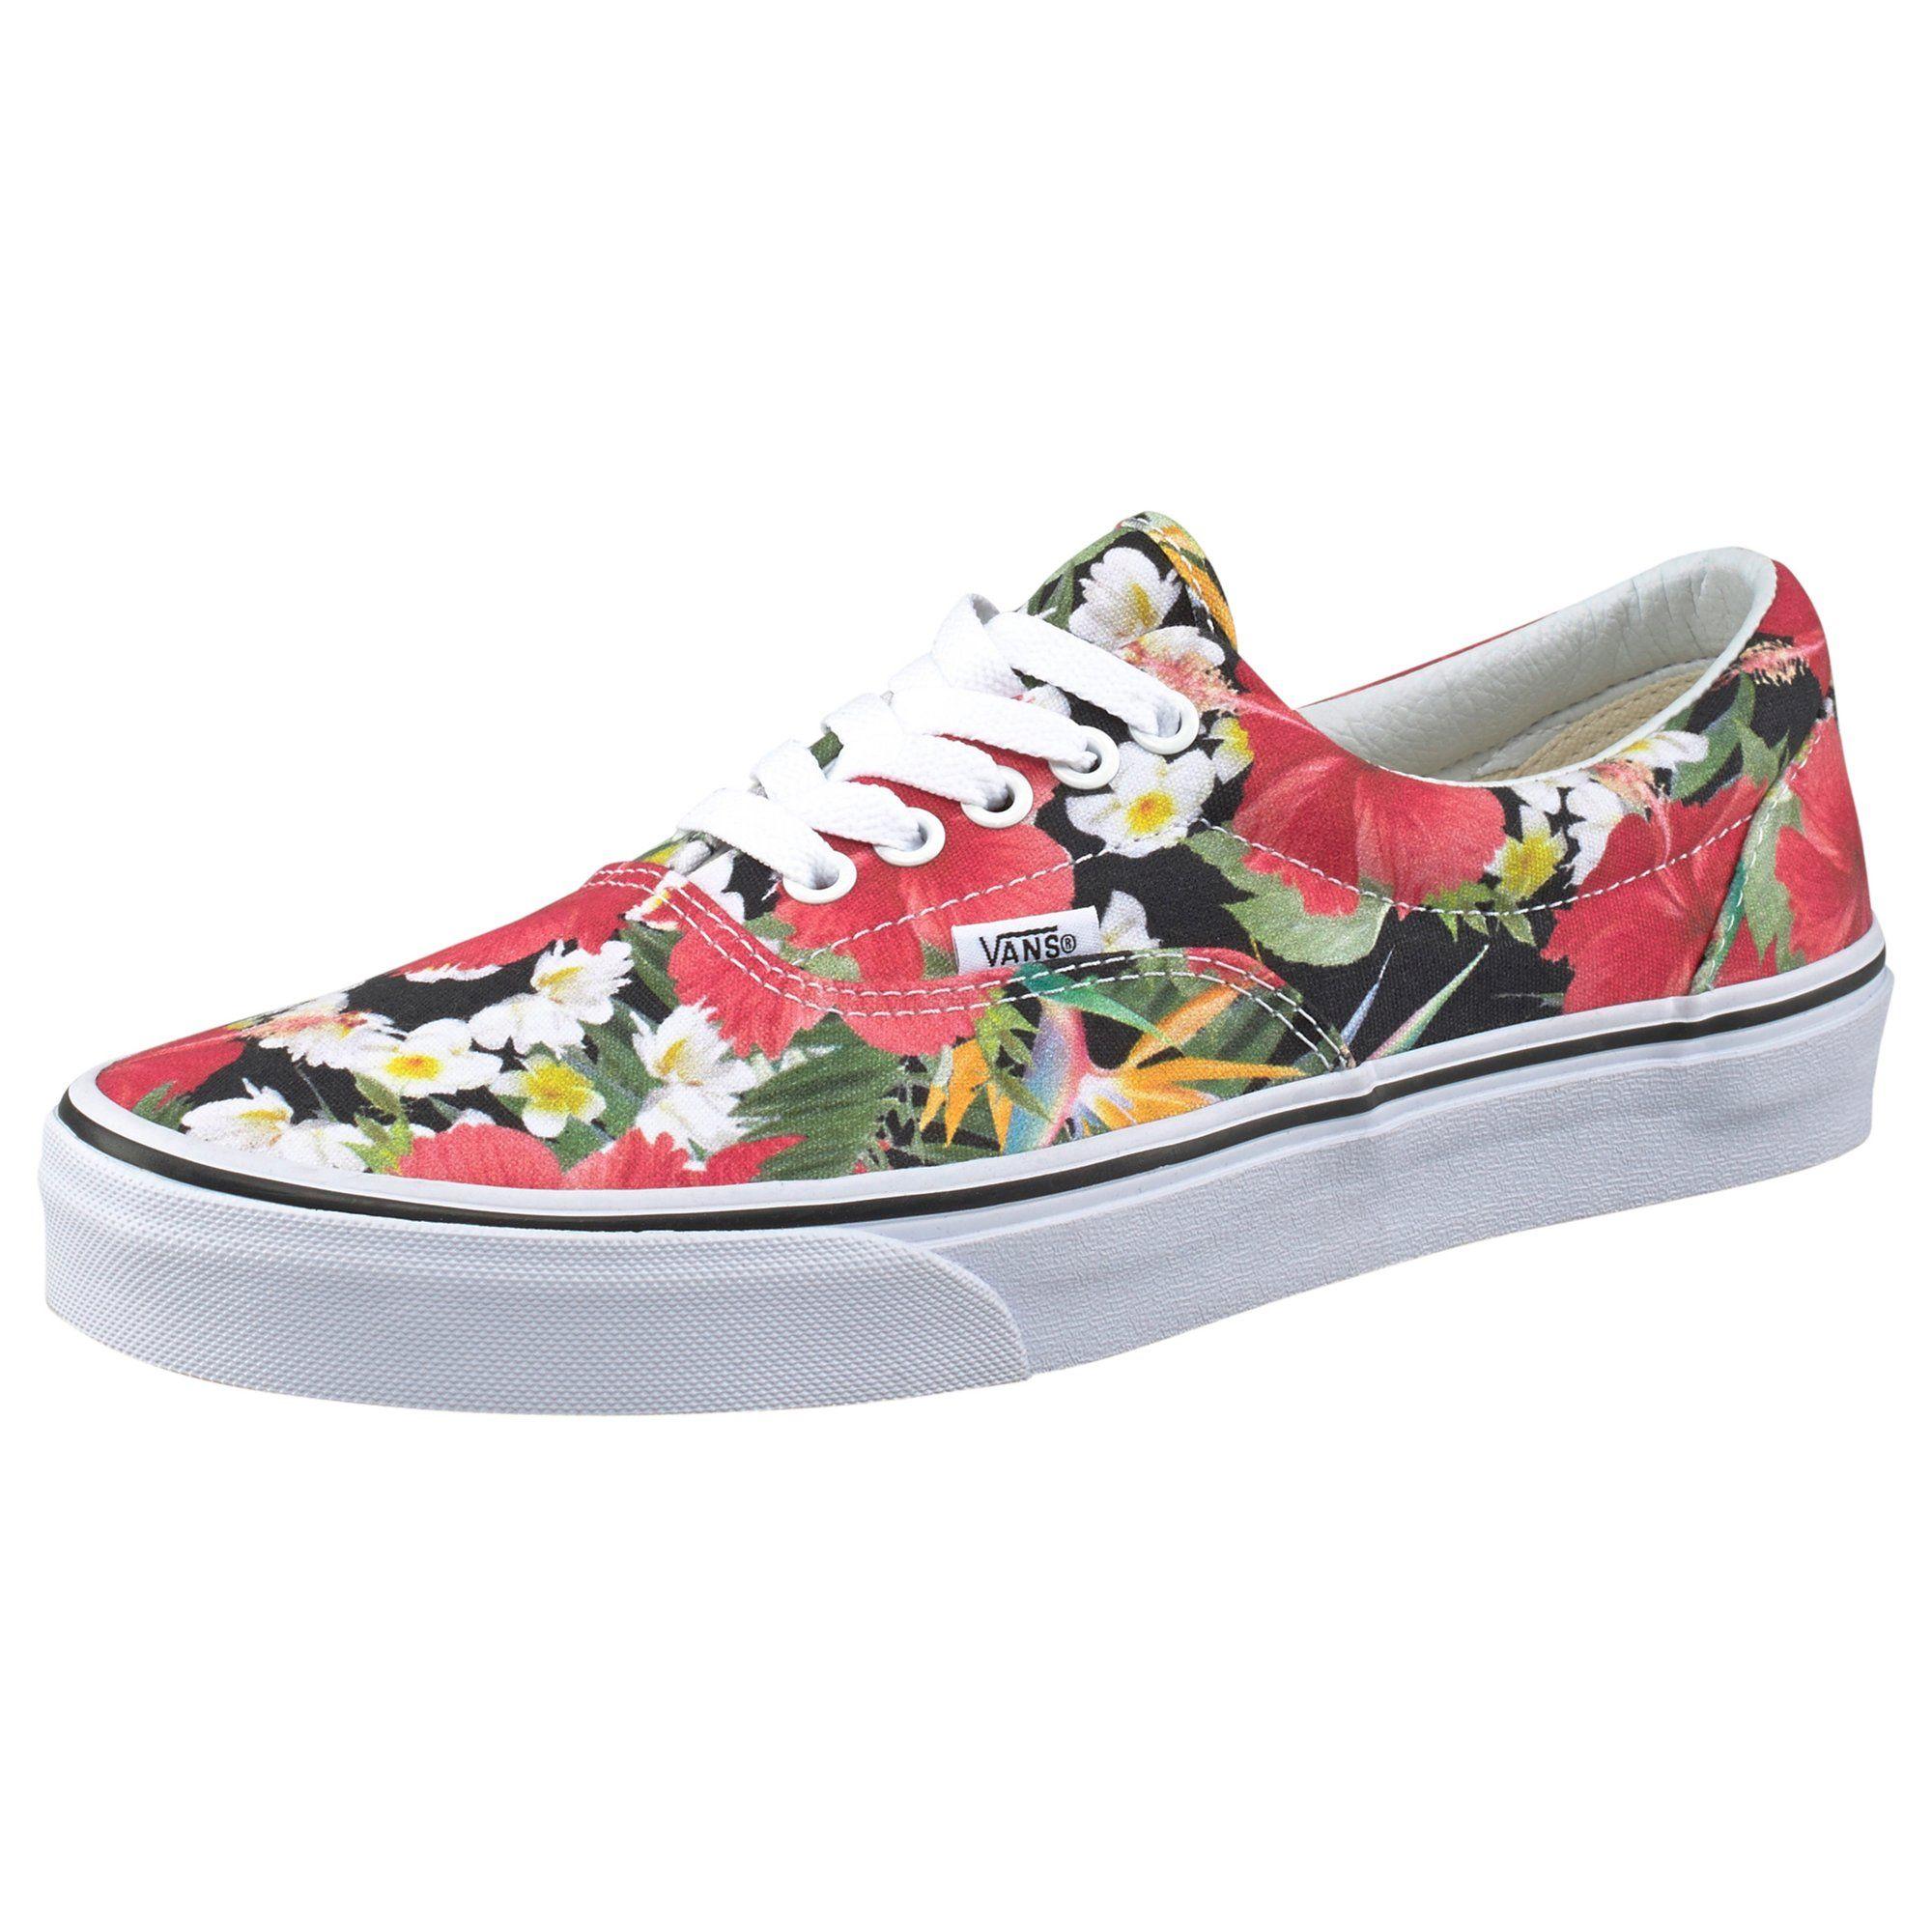 dd4b51c1c7a0 Vans Era chaussures de tennis fleurs femme. Un élégant motif pare vos  sneakere Era de